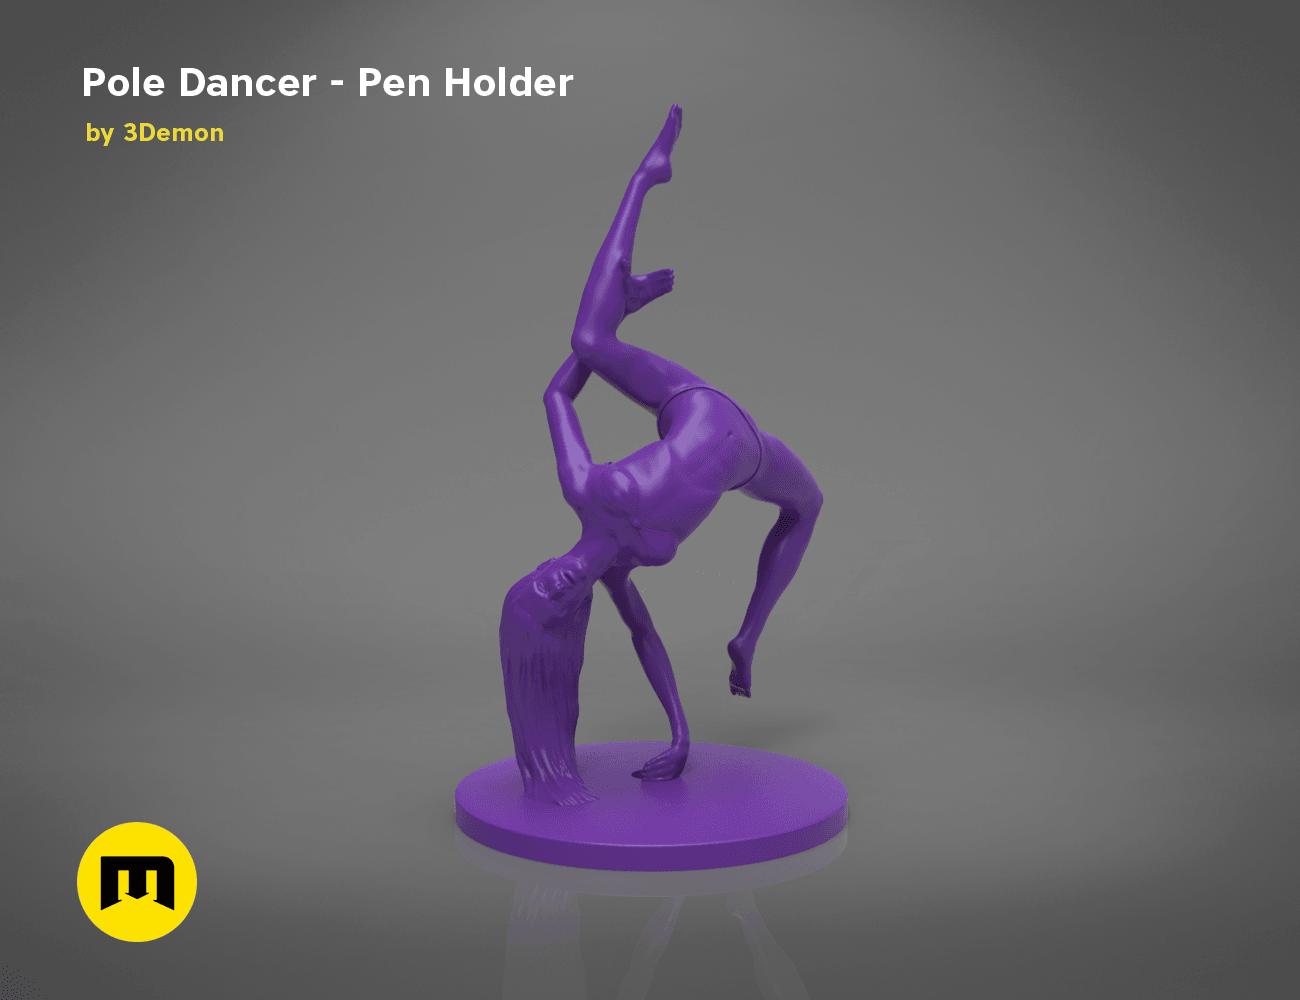 poledancer-front.153.png Download STL file Pole Dancer - Pen Holder • Object to 3D print, 3D-mon